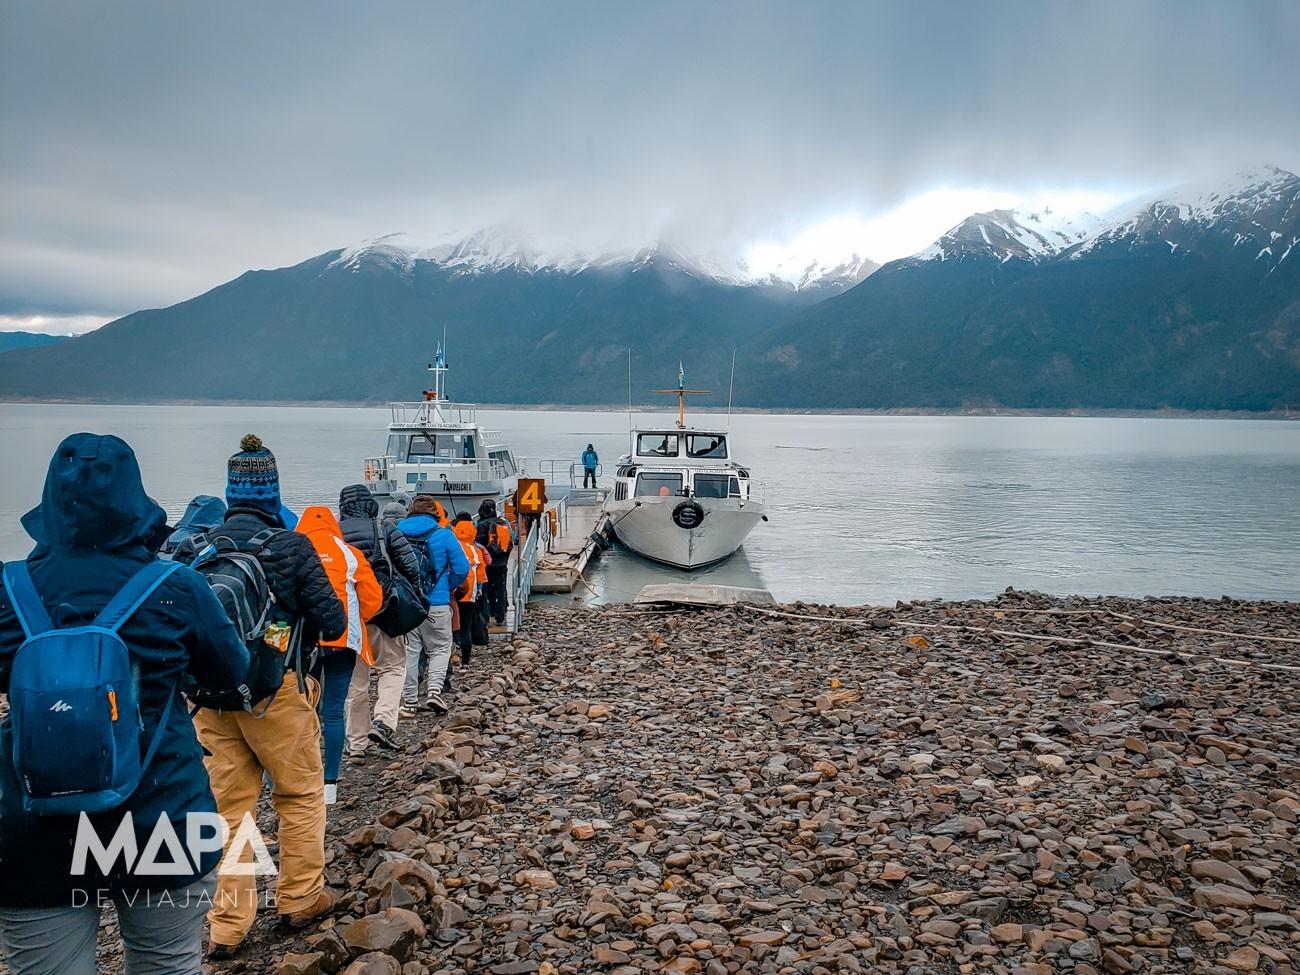 Barco que leva até a base do glaciar